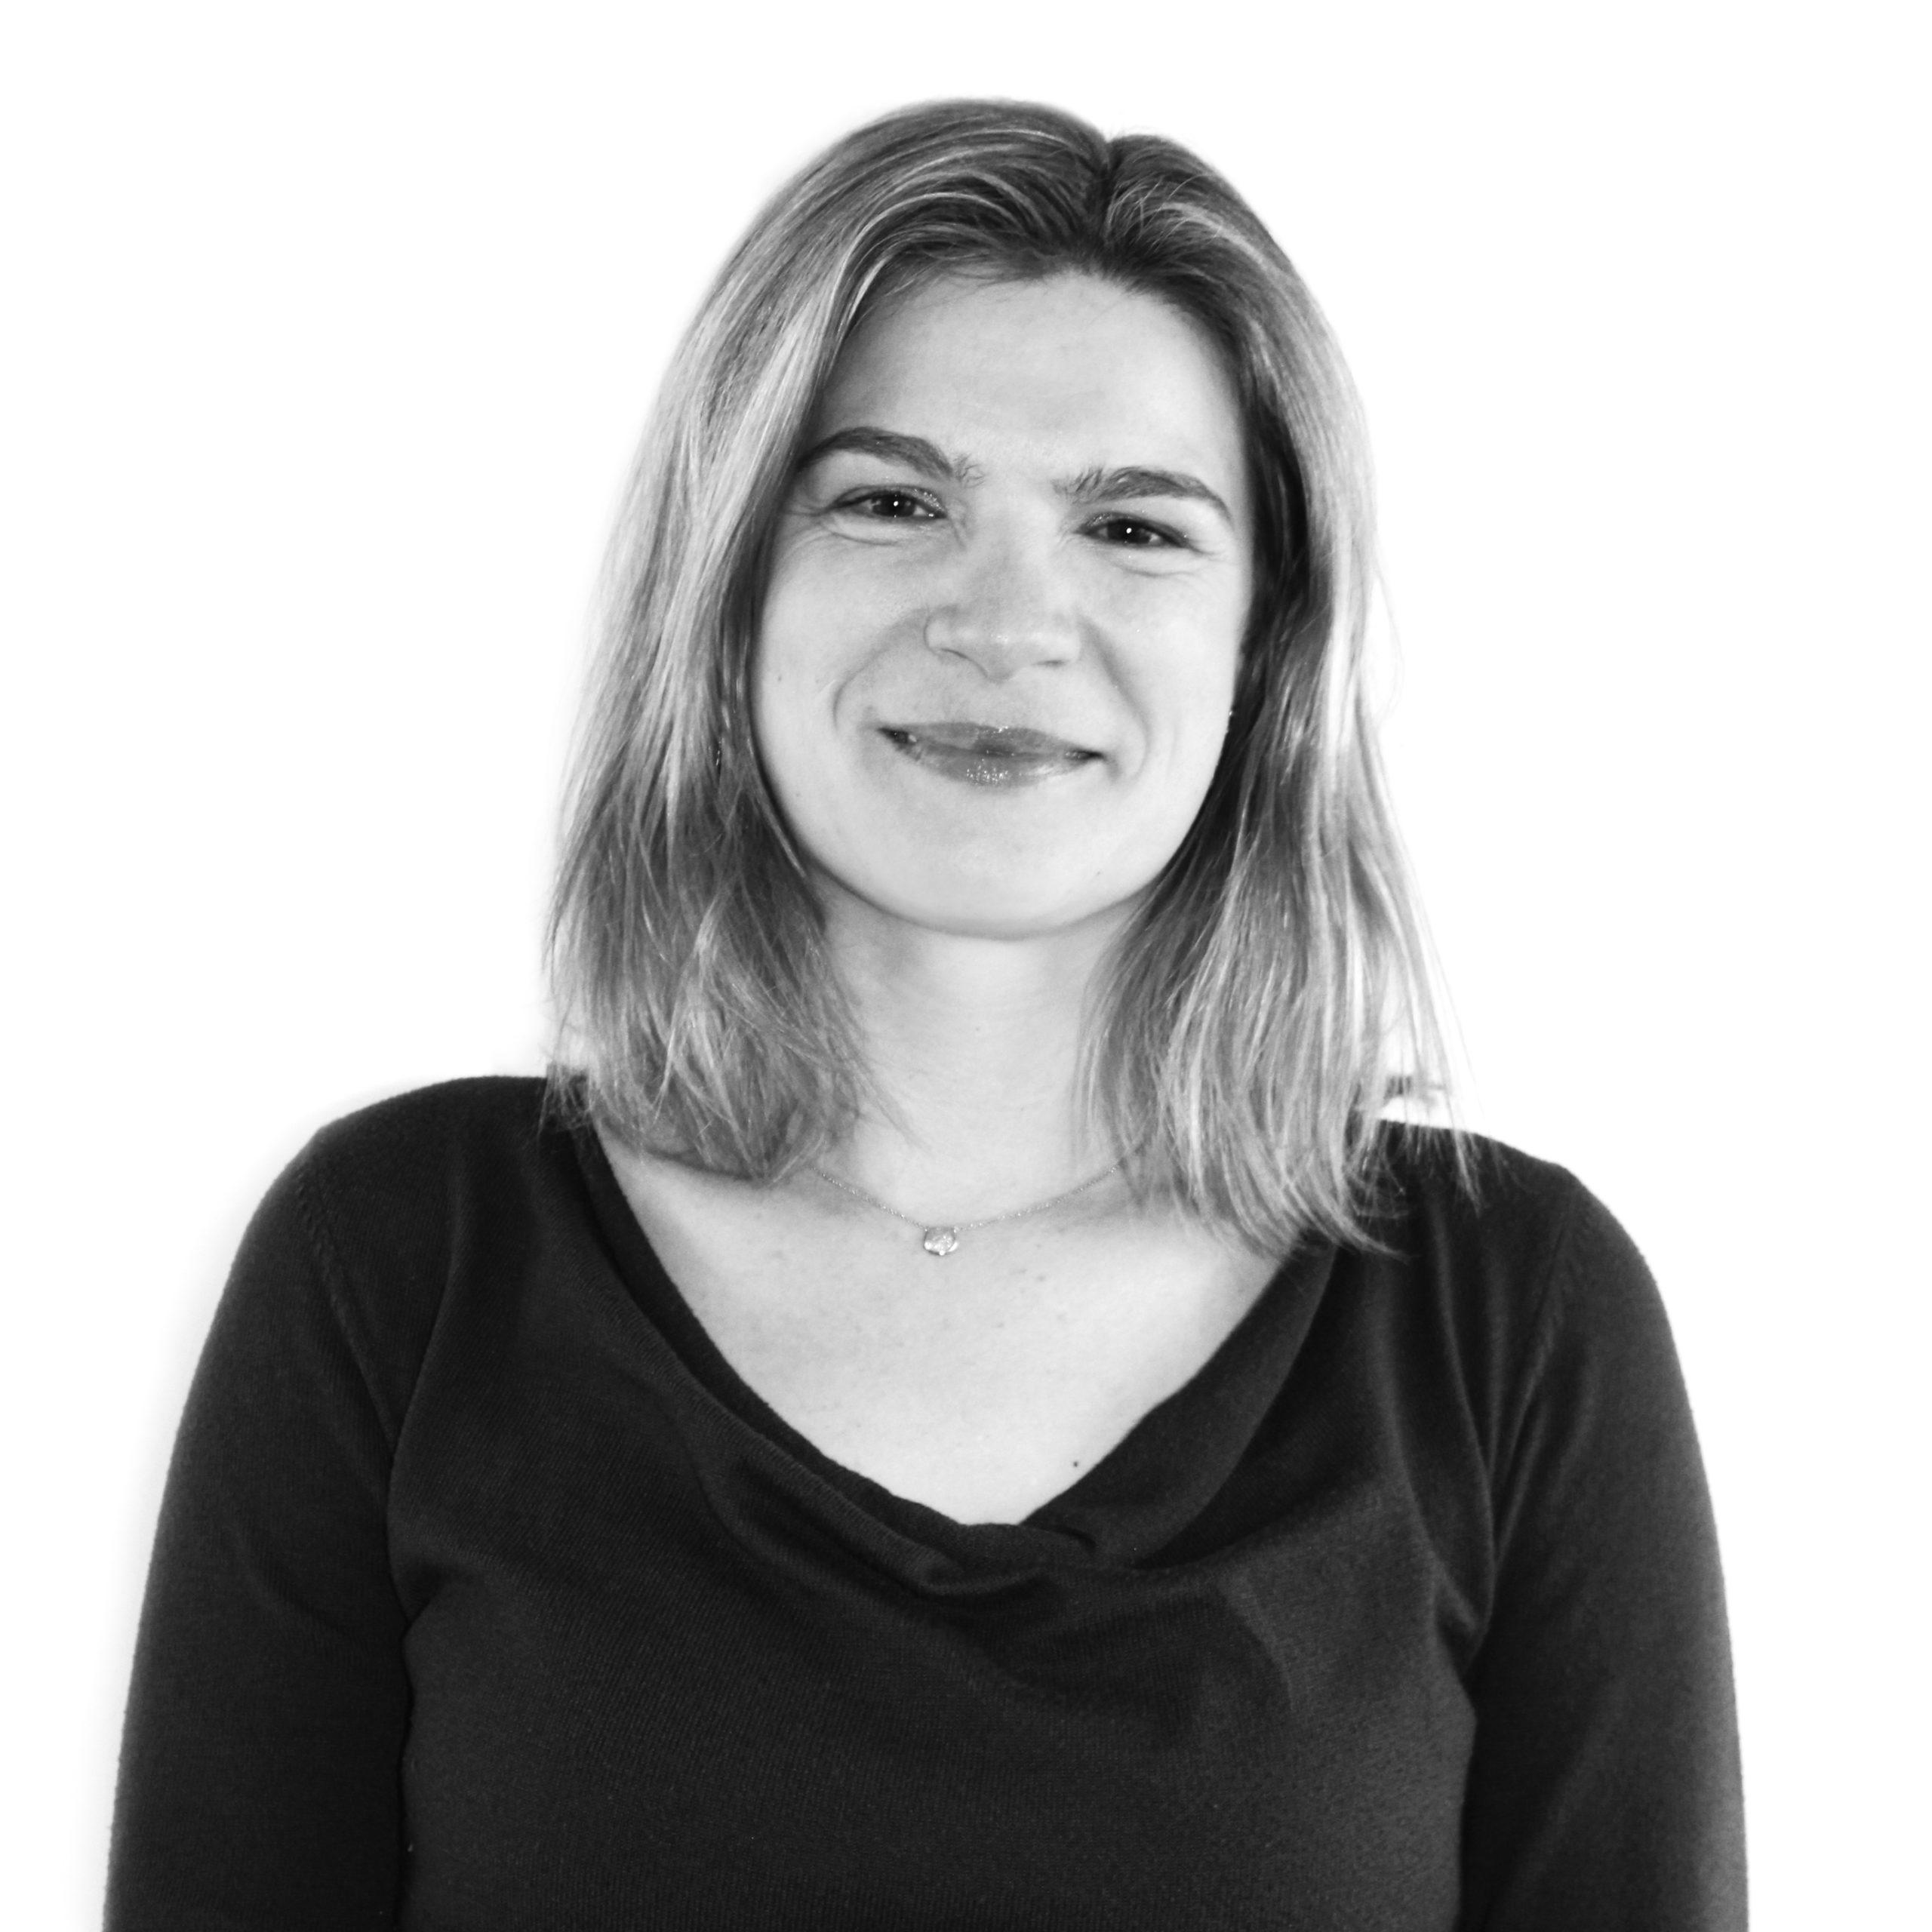 Marieke Reuver